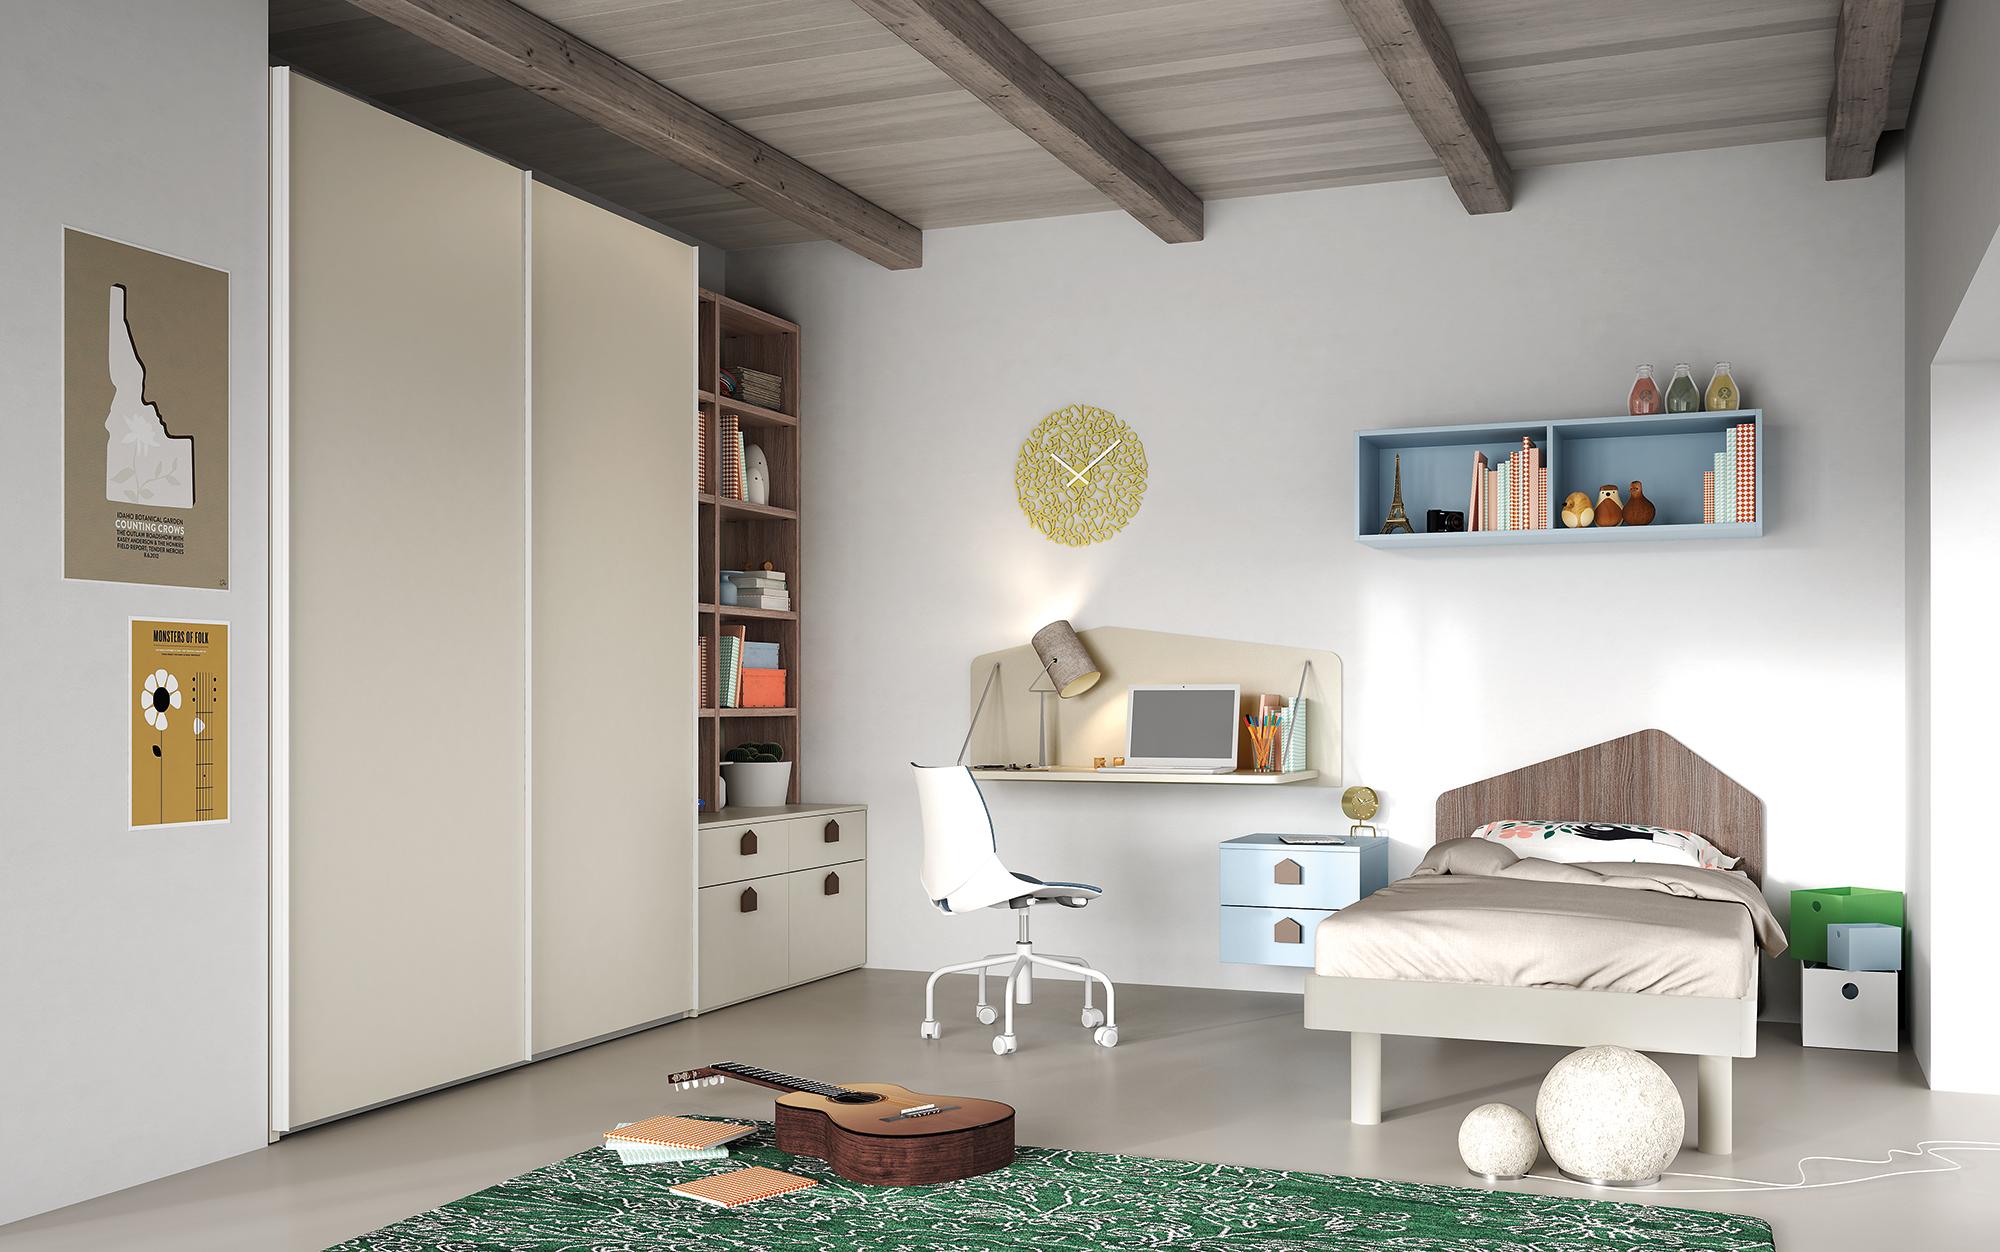 Cameretta evo mistral centro mobili for Centro italiano mobili